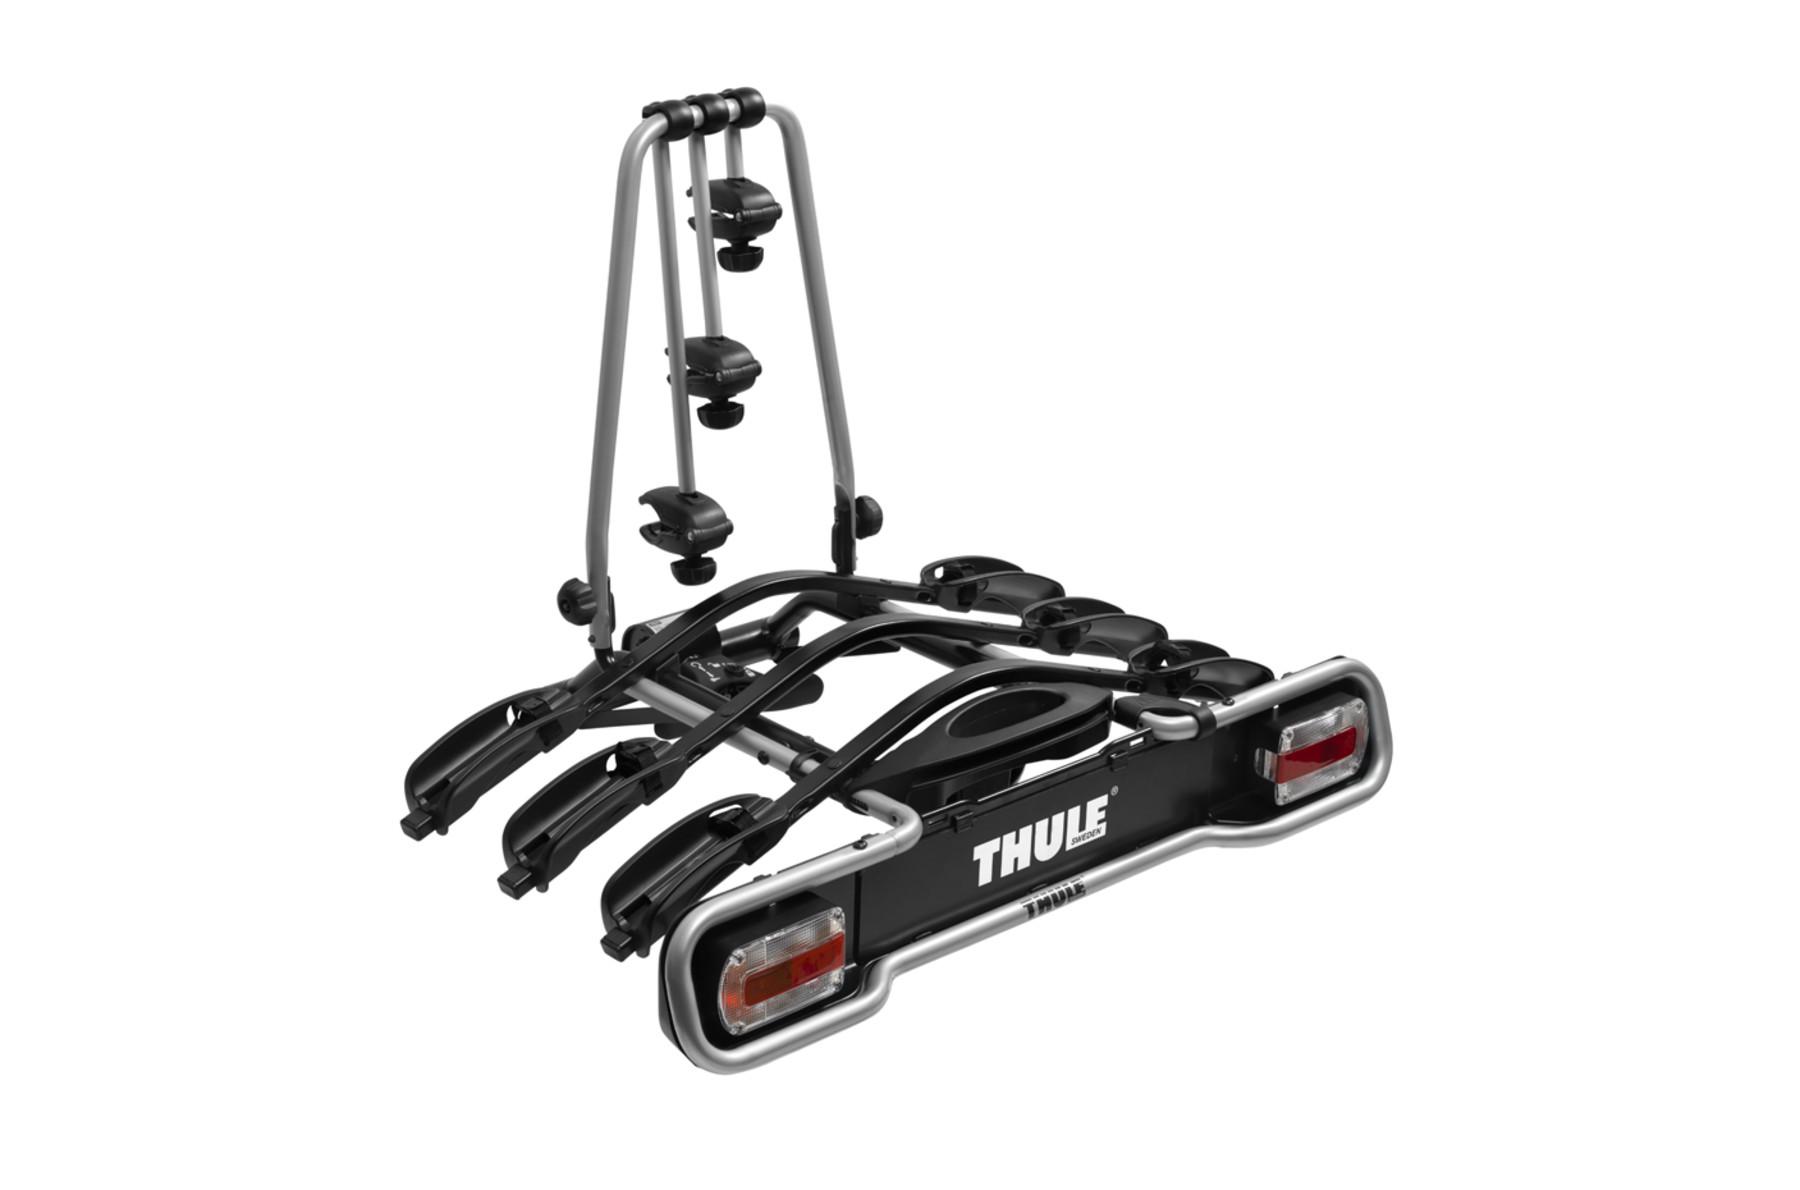 Suporte Engate Thule Euroride 943 - 3 Bicicletas - Sistema De Iluminação